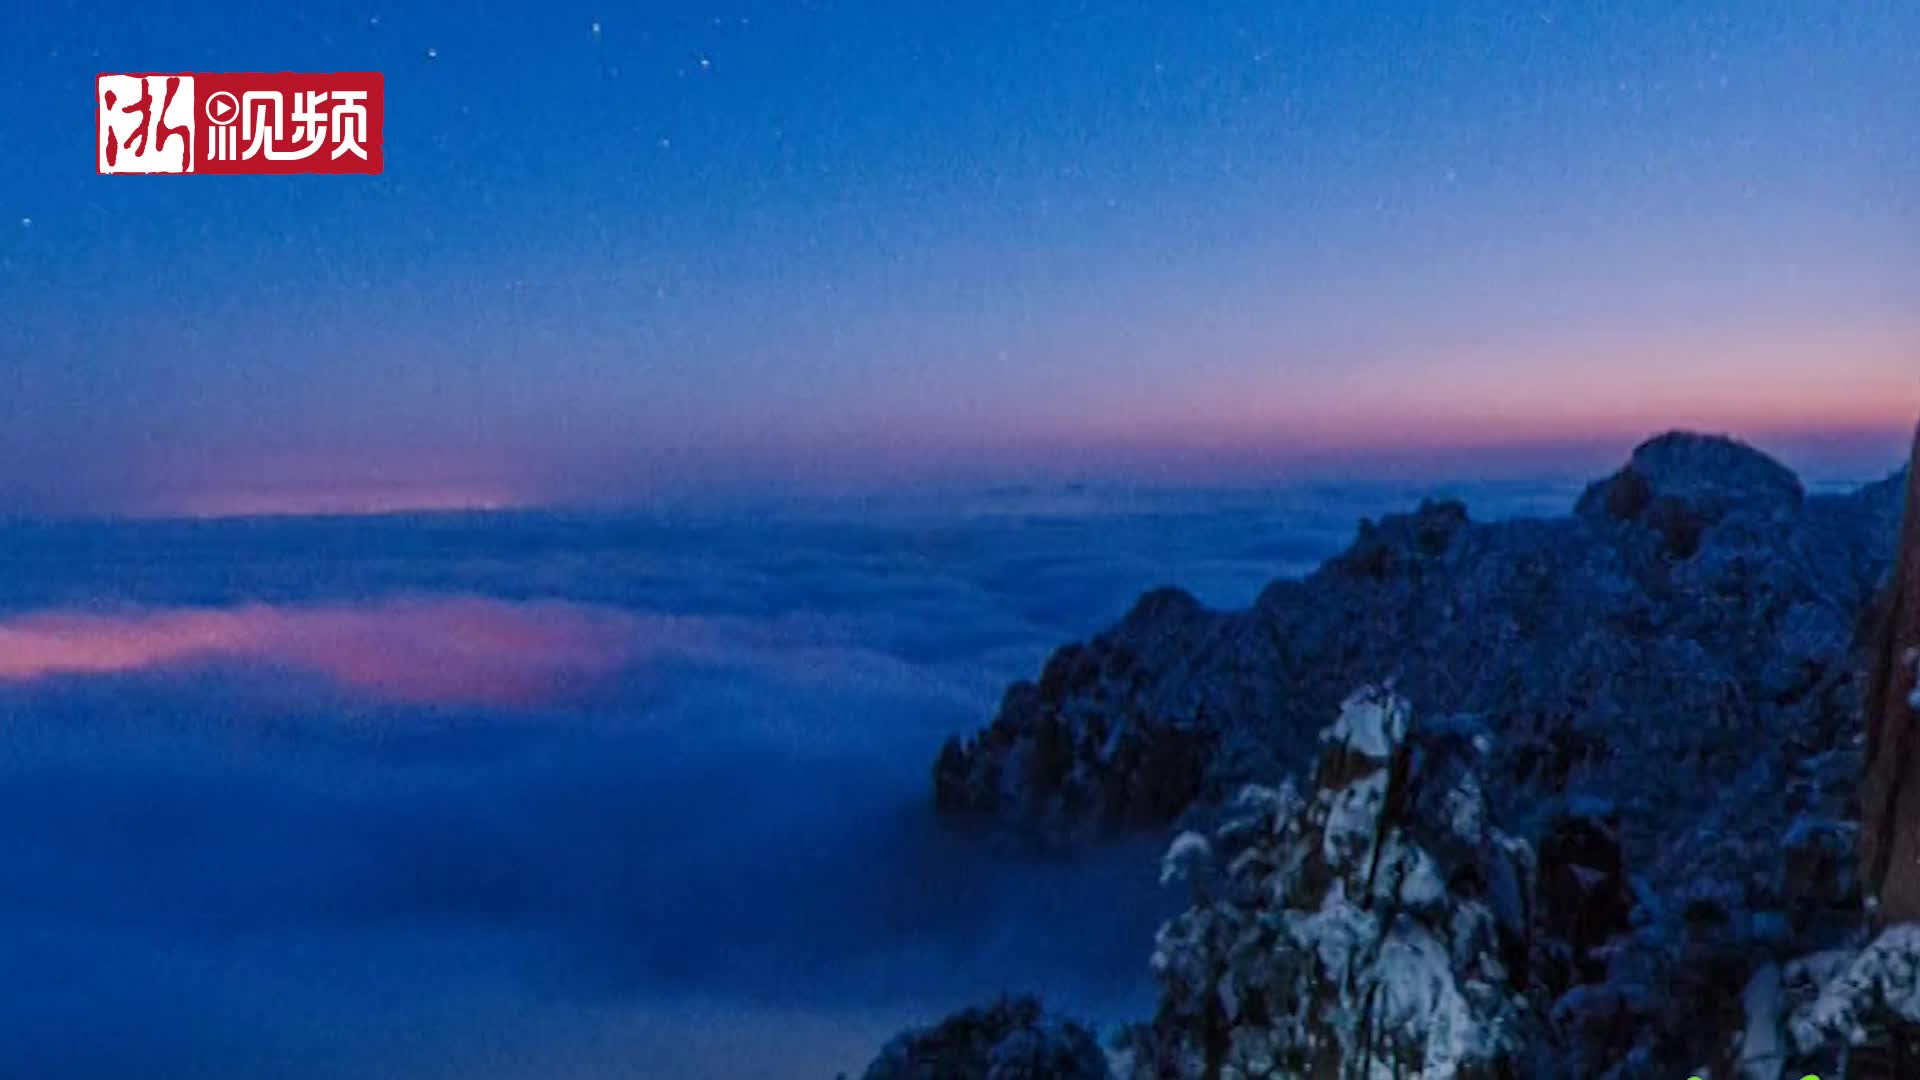 杭州江西上饶旅游嘉年华西湖畔举行 五折门票惠杭州游客